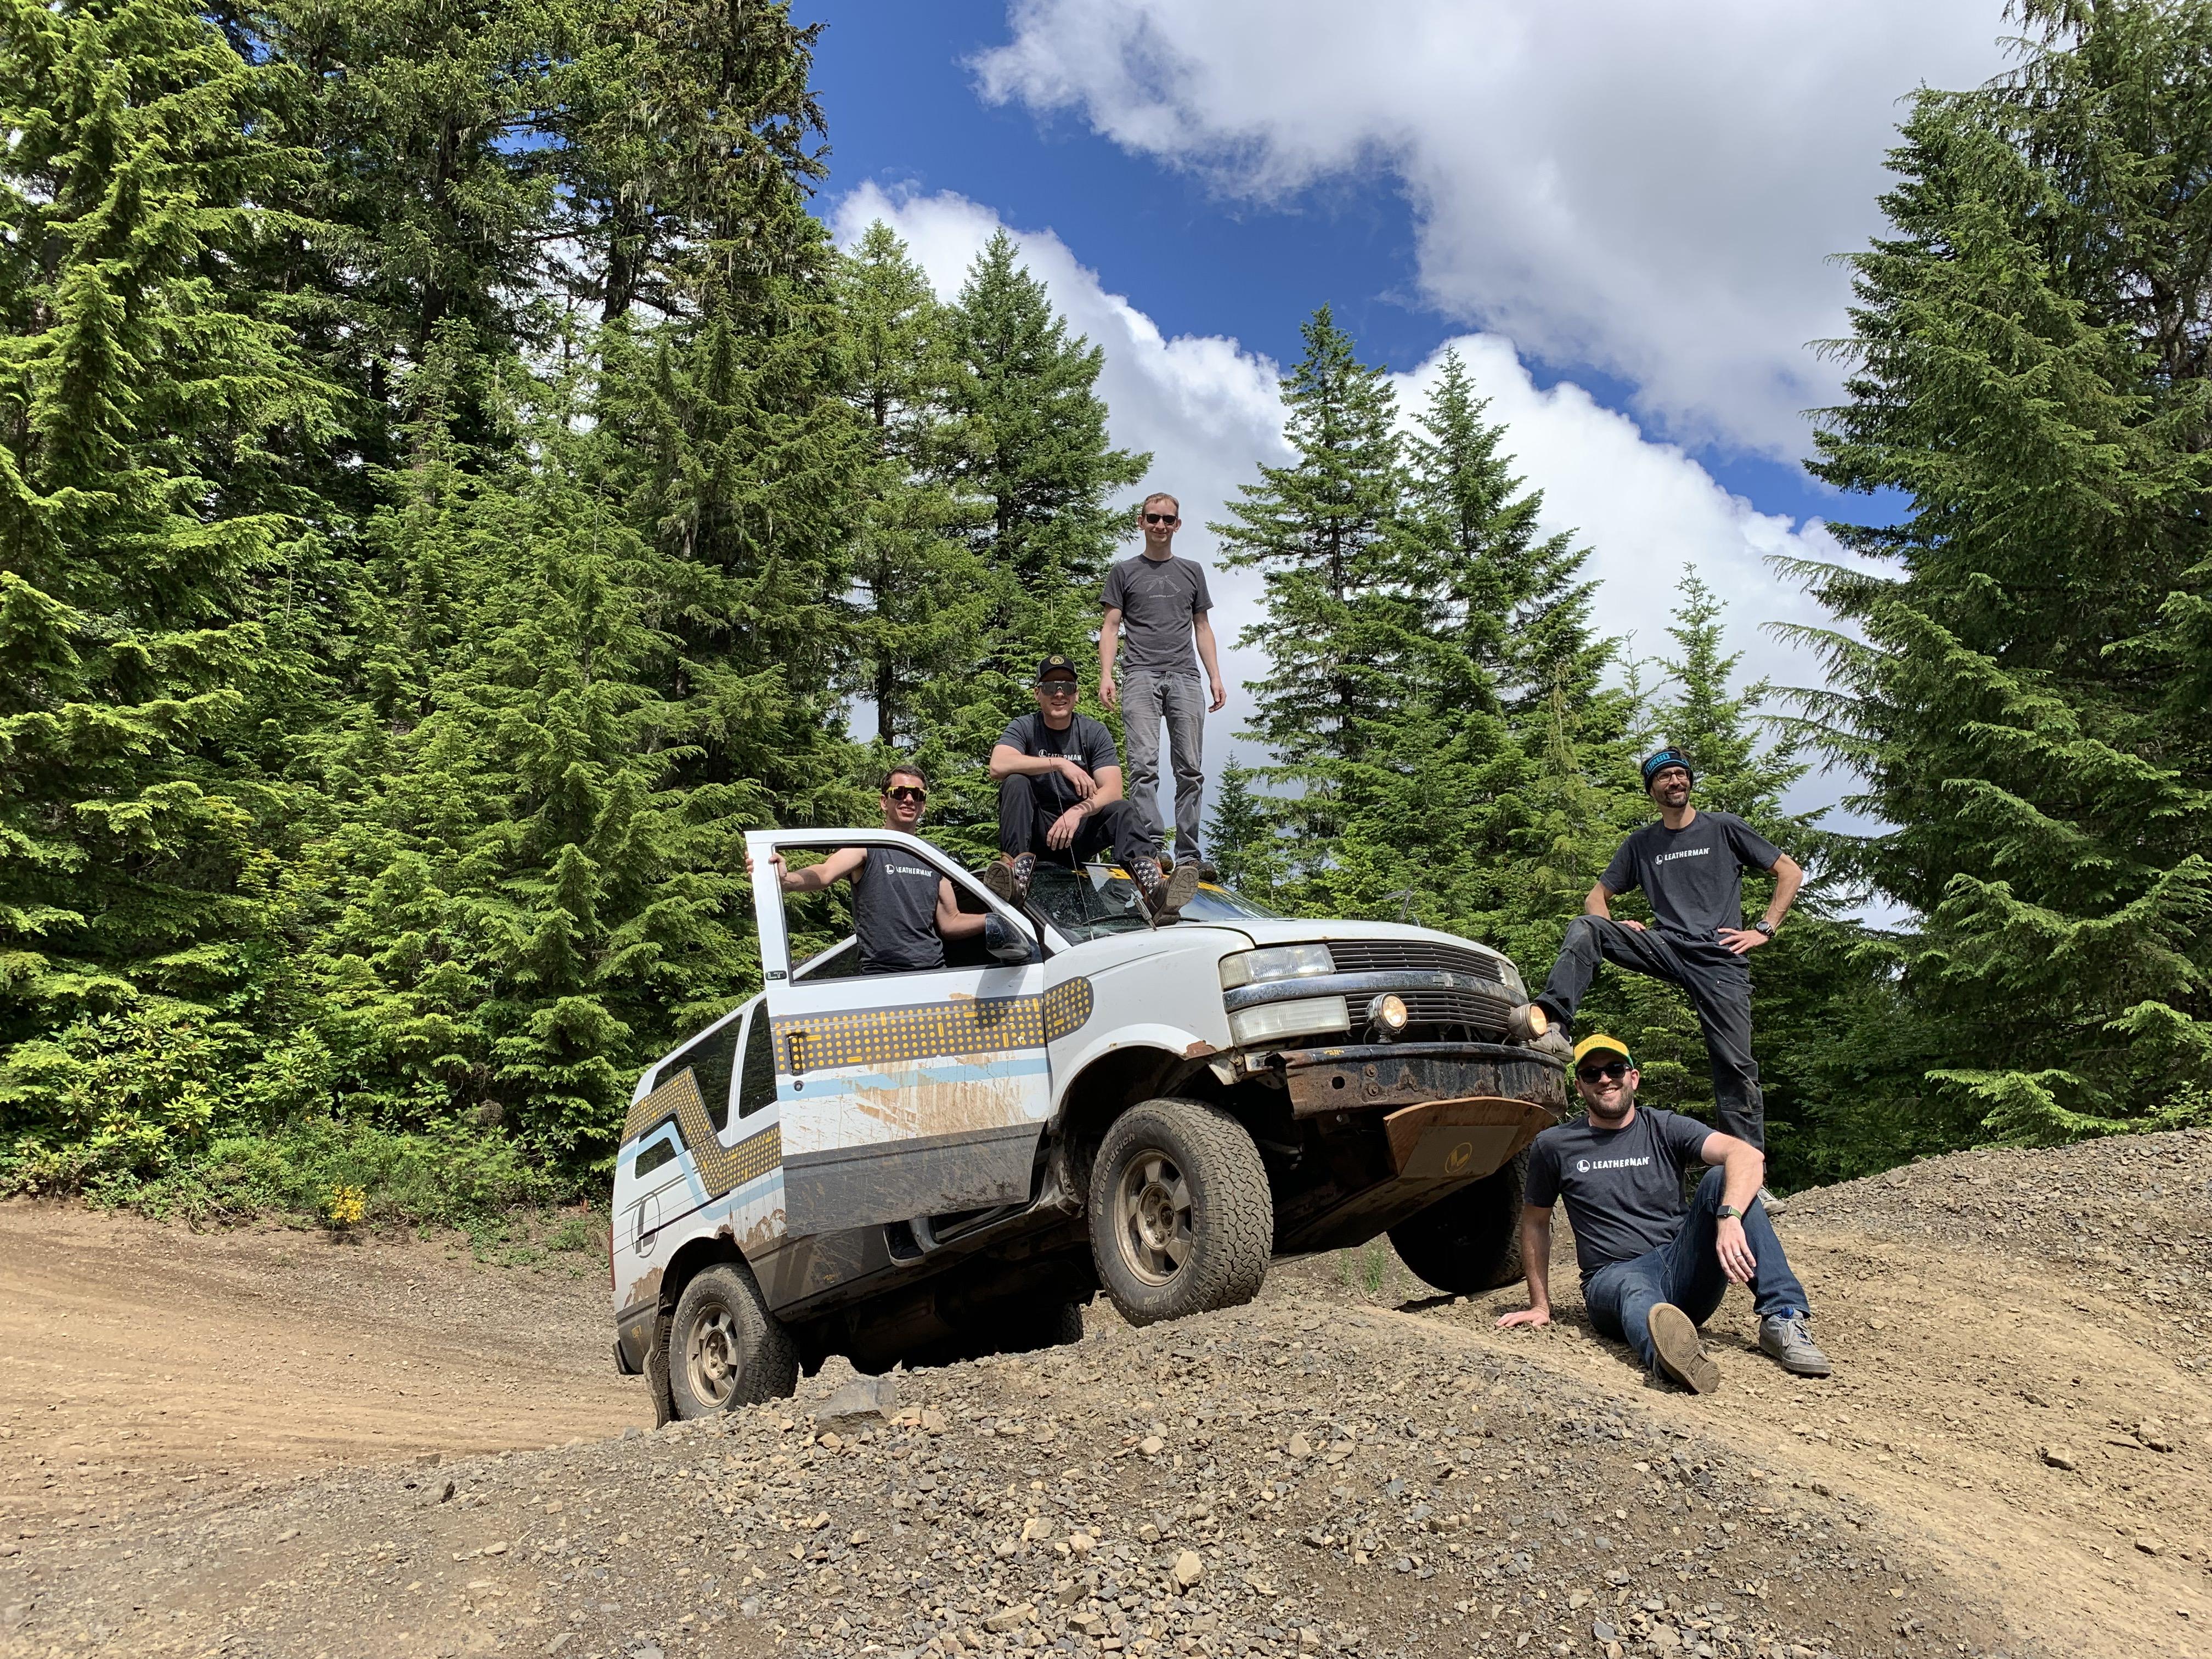 The Leatherman Gambler team standing on top of the van.